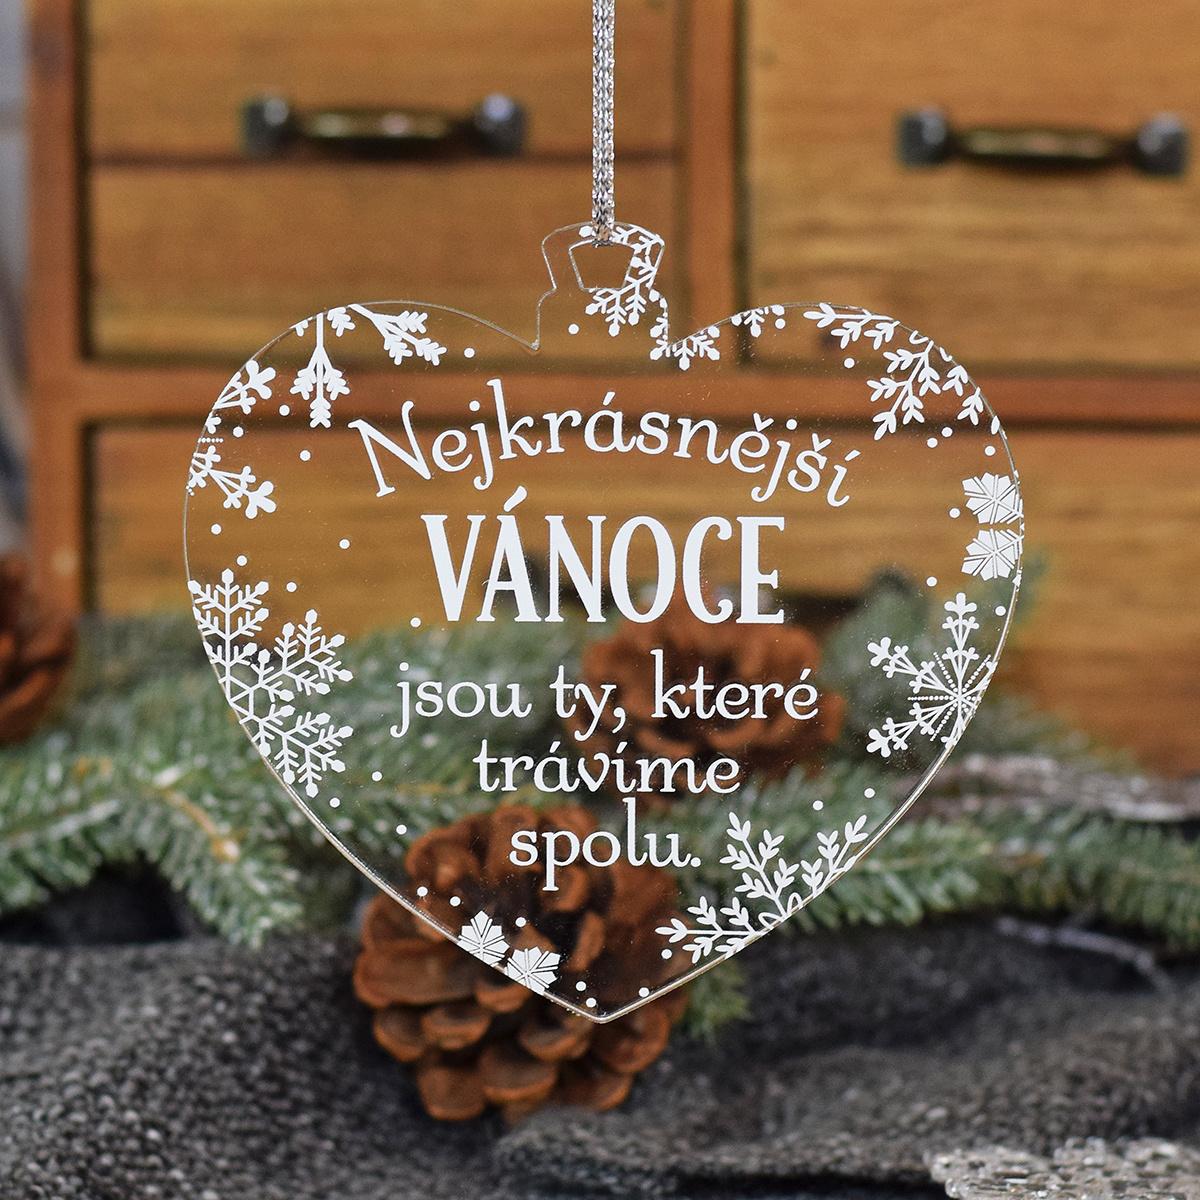 HOUSEDECOR Baňka s vločkama - Nejkrásnější Vánoce